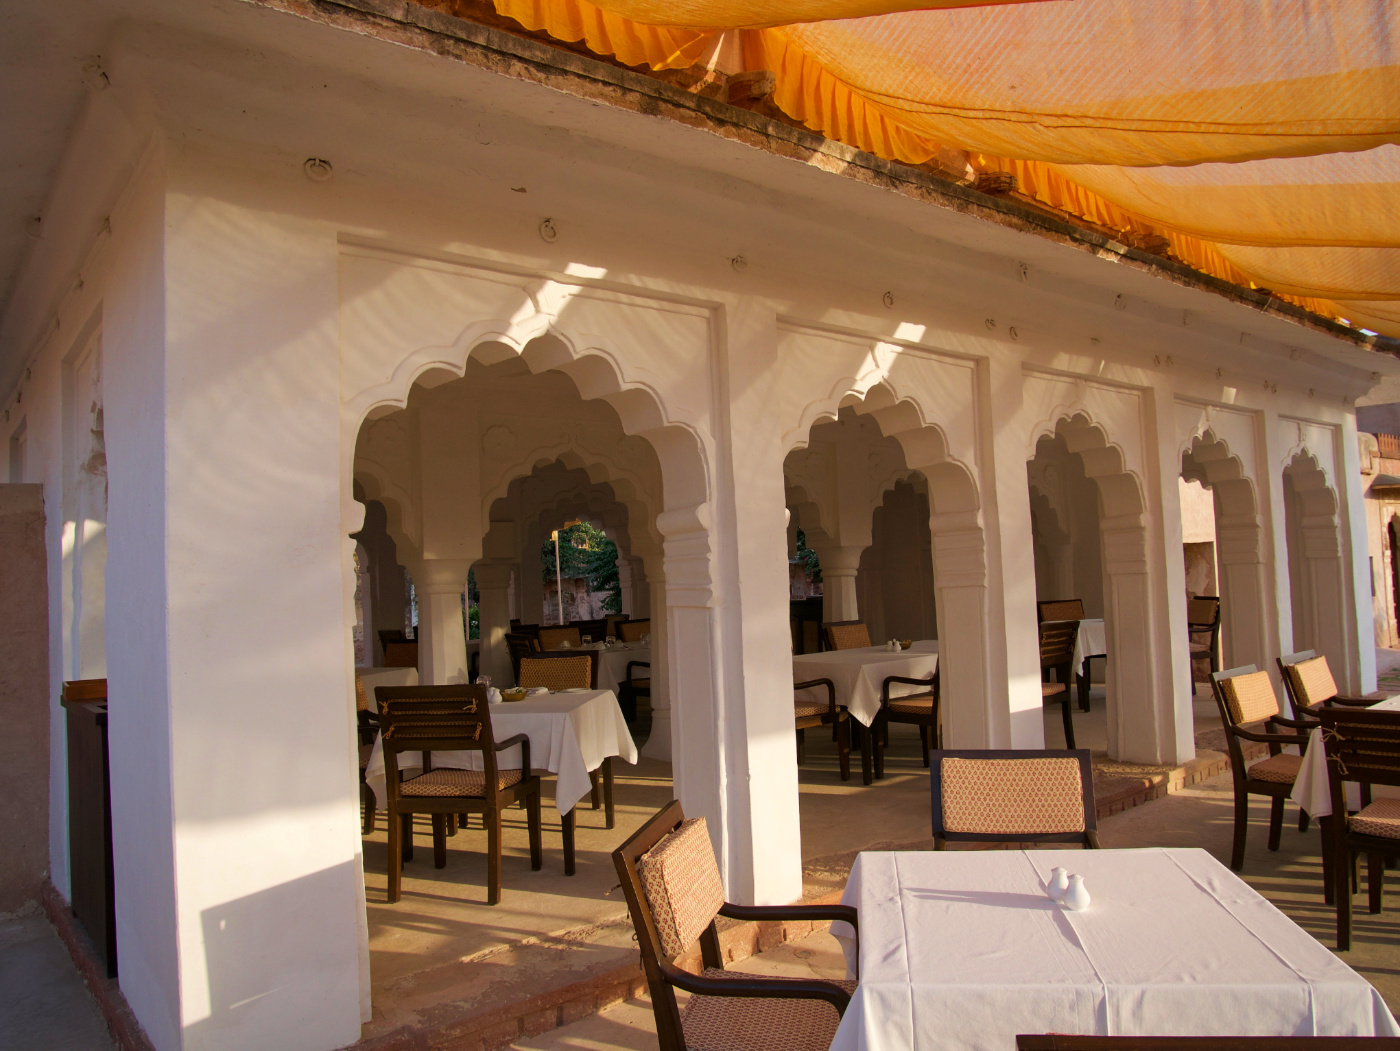 447-India-Nagaur